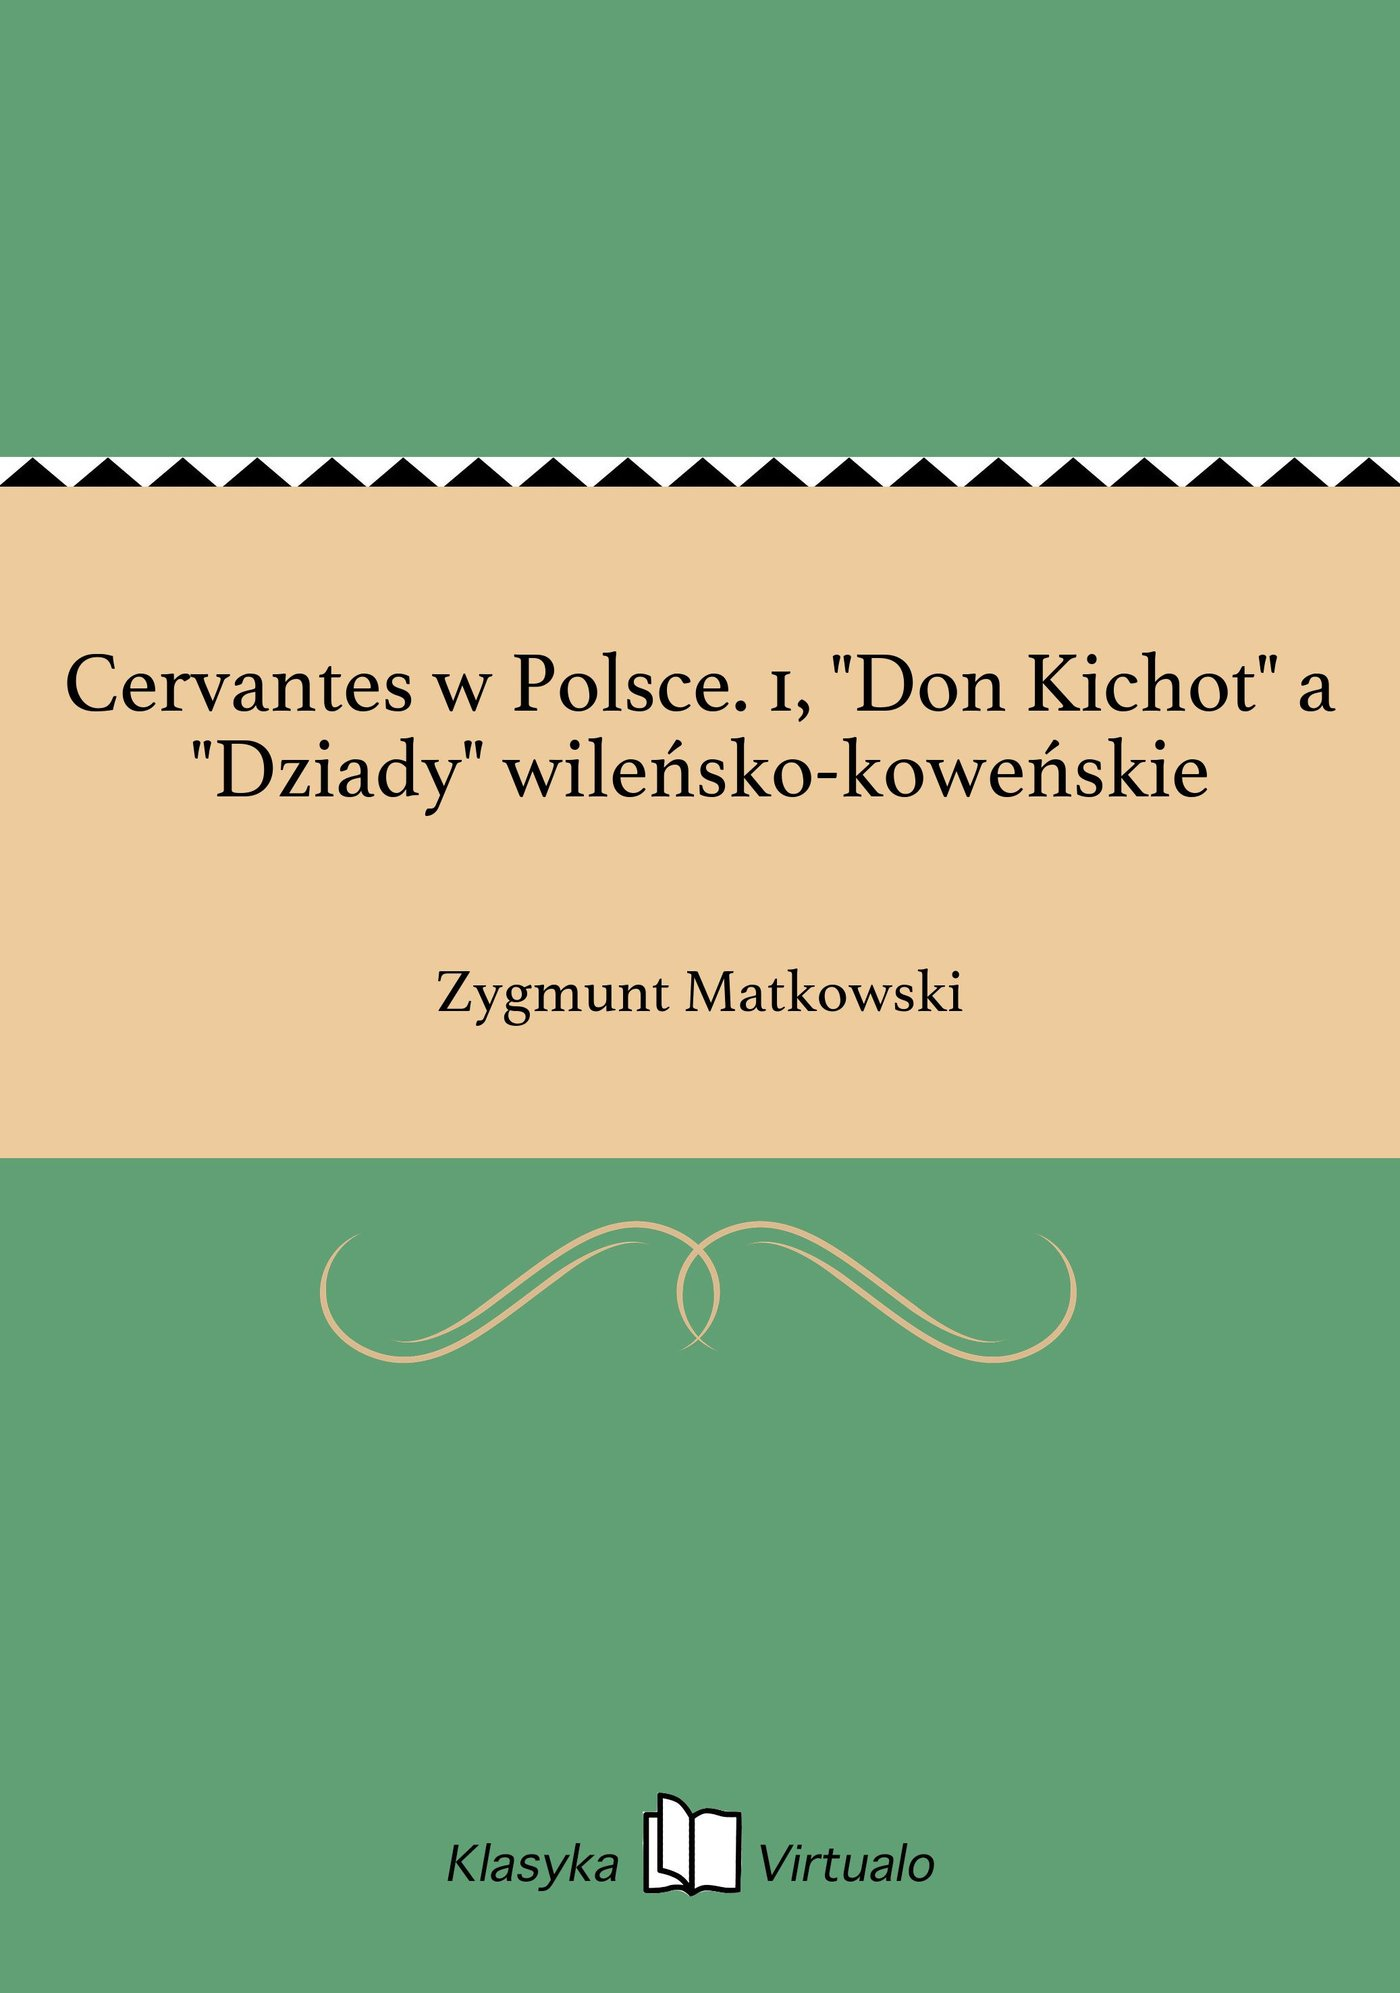 """Cervantes w Polsce. 1, """"Don Kichot"""" a """"Dziady"""" wileńsko-koweńskie - Ebook (Książka EPUB) do pobrania w formacie EPUB"""